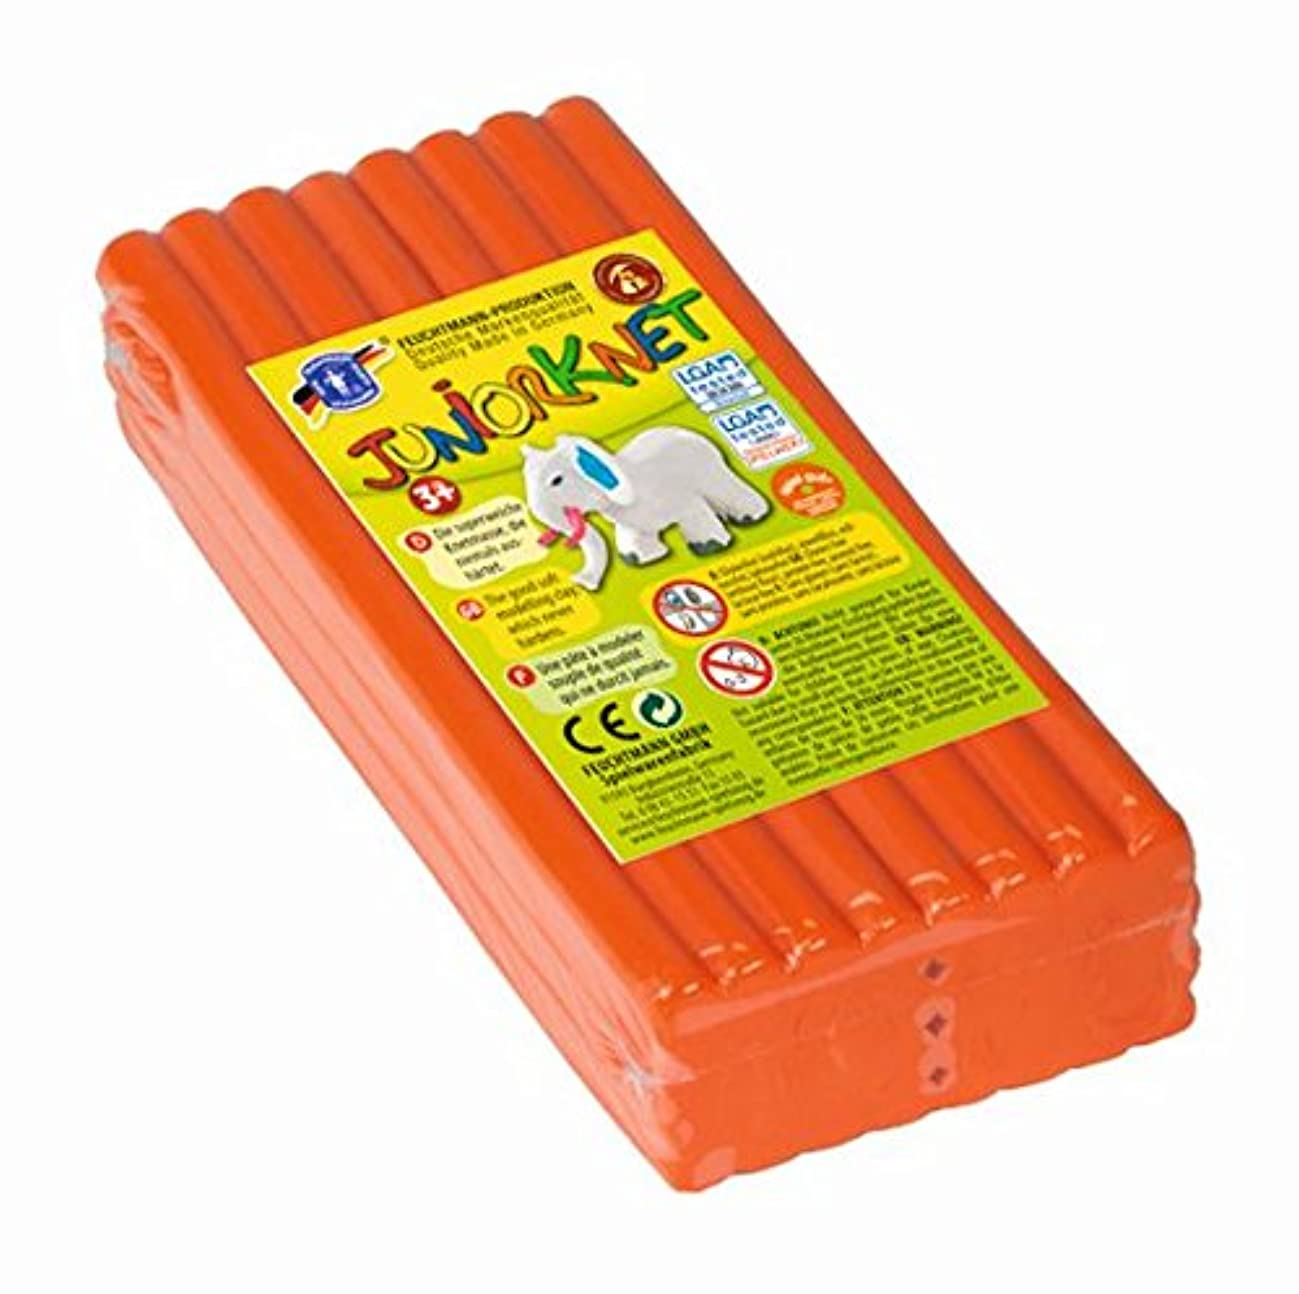 Feuchtmann Juniorknet Modelling Dough Jumbo Pack (Orange)